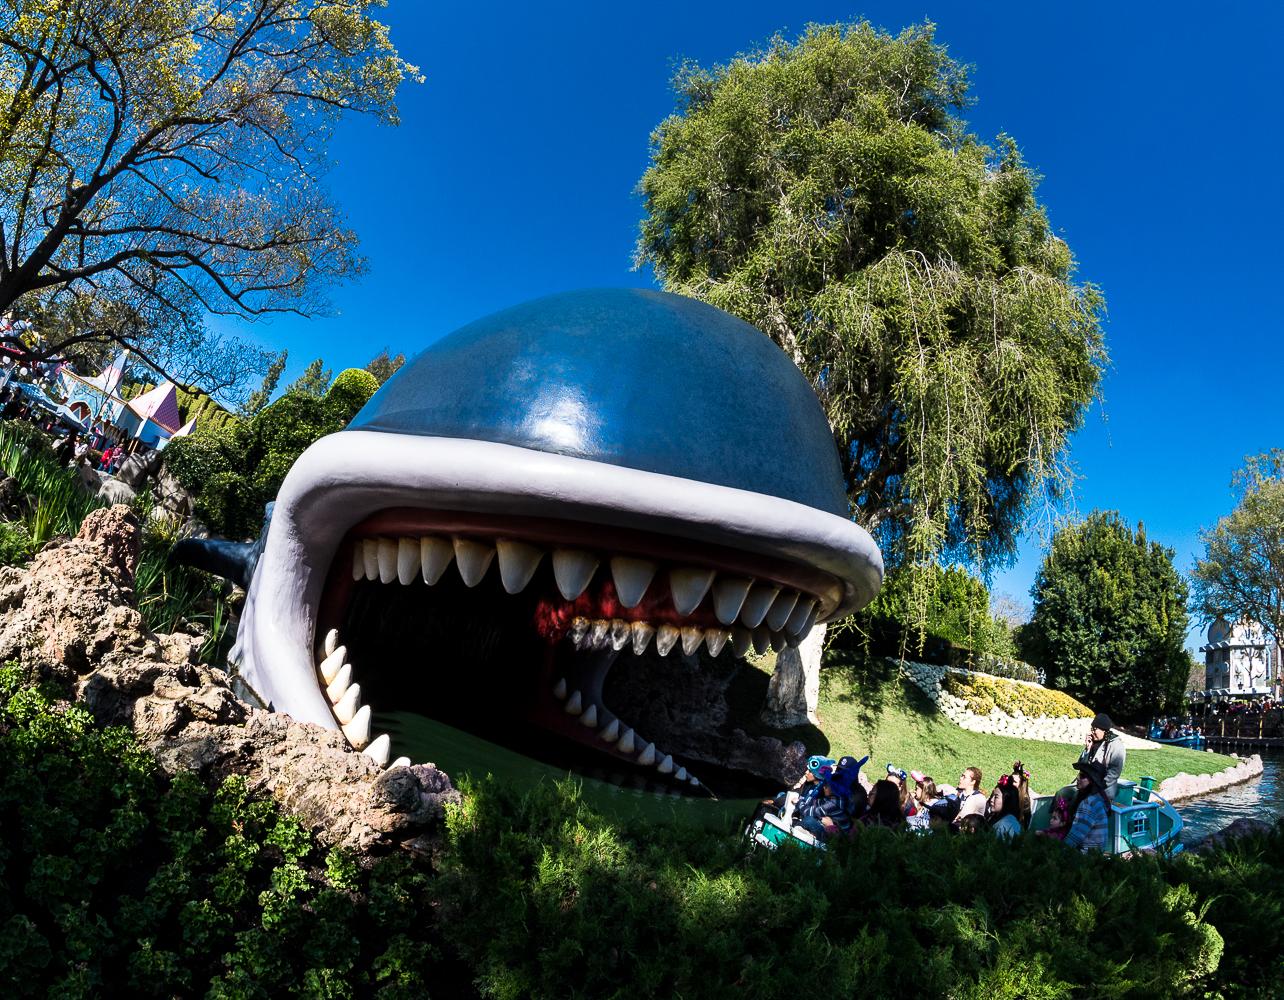 Visit Disneyland Park in Anaheim California.